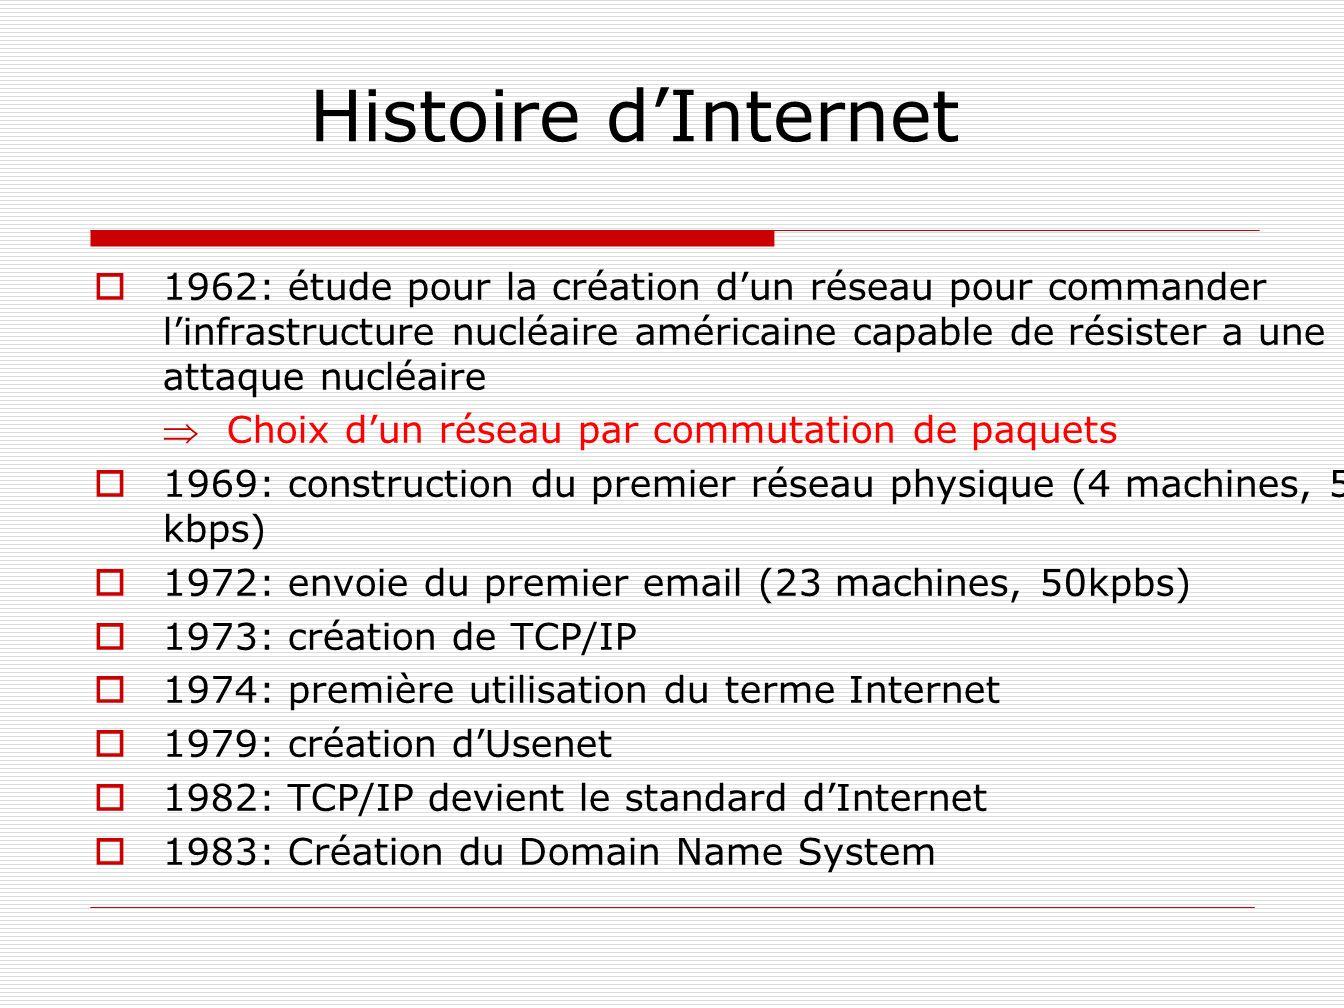 Histoire dInternet 1986: création de lIETF 1990: création dun système hypertext par Tim Berners-Lee 1992: le CERN présente le World Wide Web 1993: création de Mosaic, premier client pour le web 1994: création du w3c 1995: IE 1.0 1997: IE 4.0 sort, Netscape a 72%, IE 18% 1998: Netscape jette léponge et se fait racheter par AOL 1998: Netscape rend le code source de son navigateur disponible sous licence open source 2002: Mozilla 1.0 2004: début de la deuxième guerre des browsers